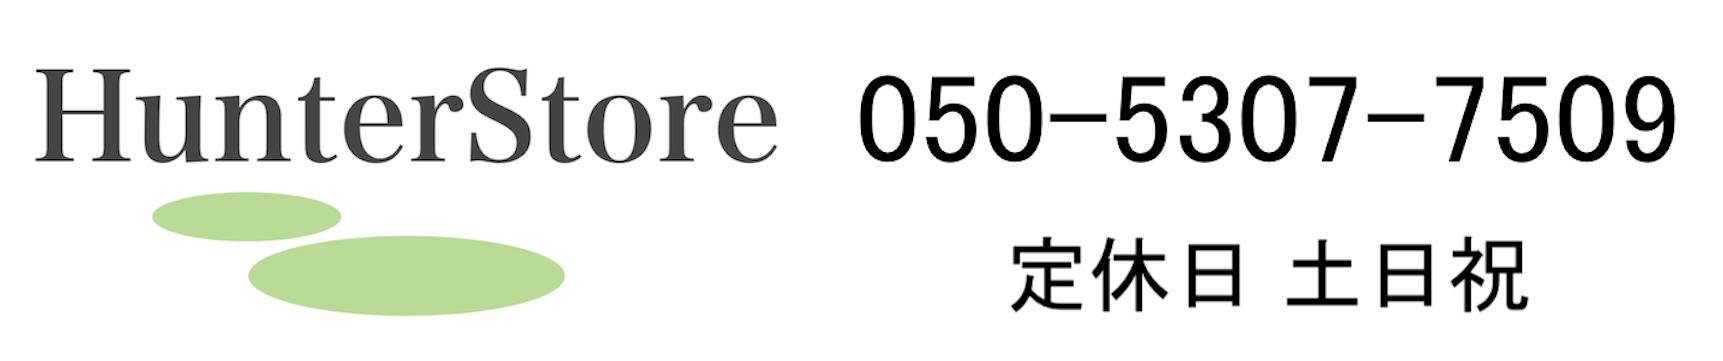 【 公式 】 ハンター シーリングファン日本正規輸入品販売ハンターストア